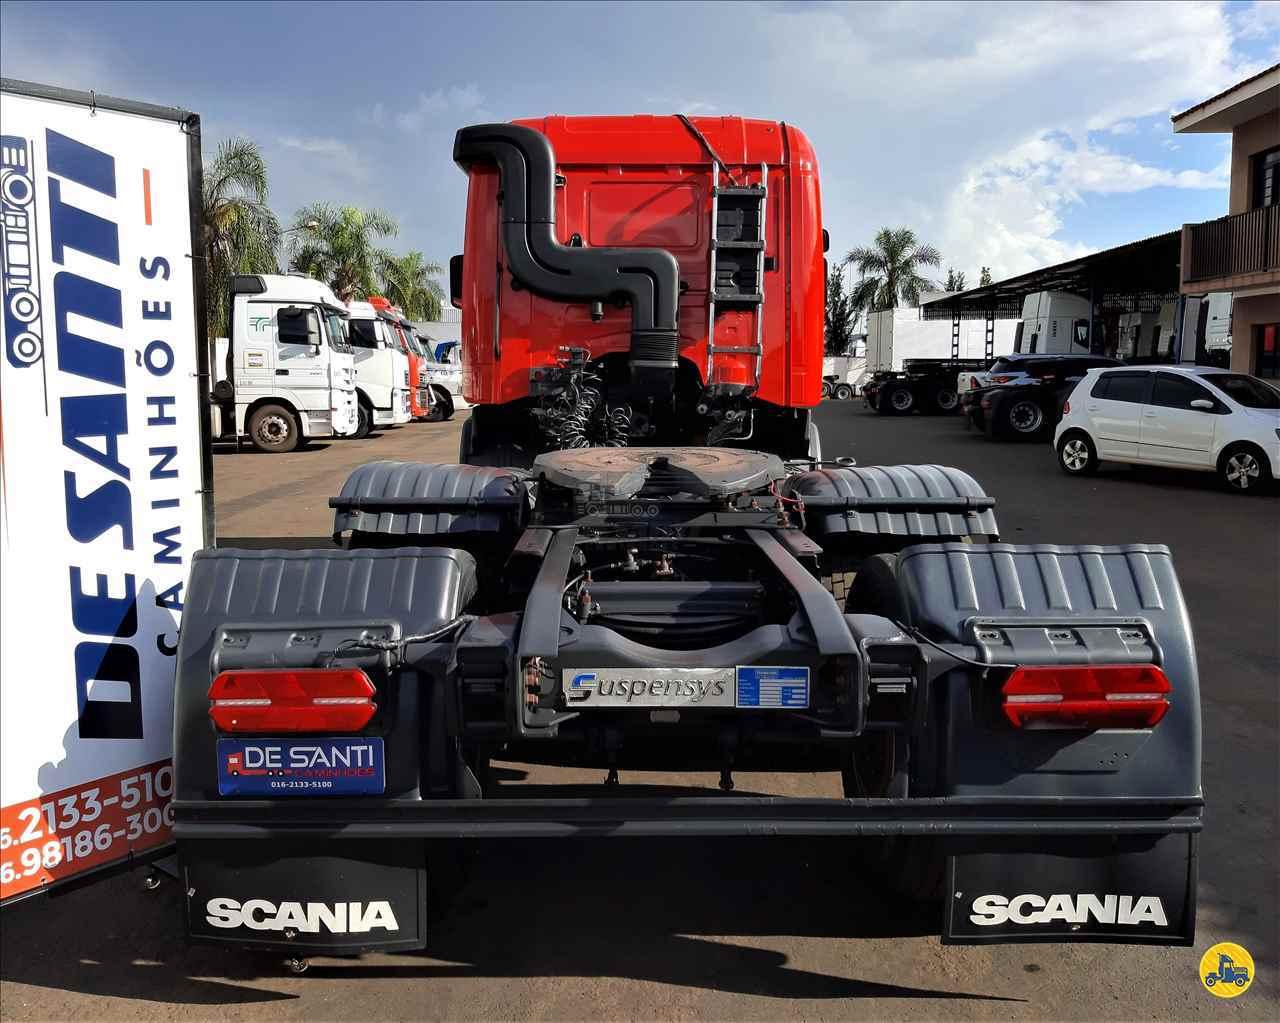 SCANIA SCANIA 124 420 117573km 2009/2010 De Santi Caminhões